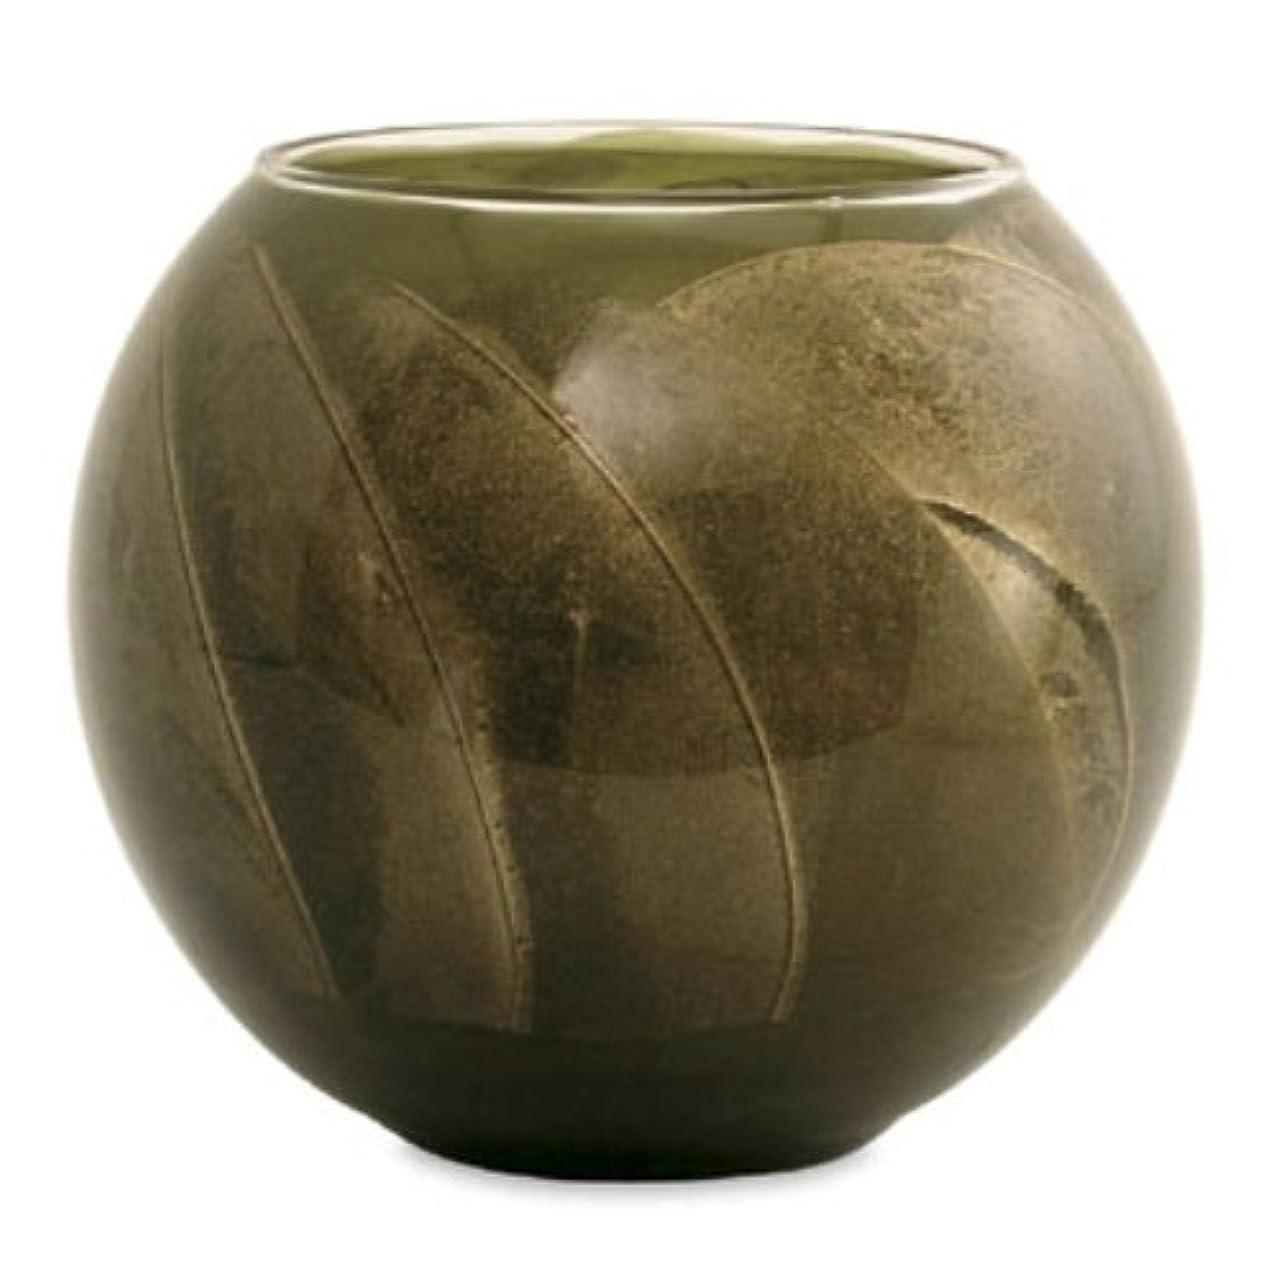 対抗純粋なくしゃくしゃNorthern Lights Candles Esque Polished Globe - 4 inch Olive by Northern Lights Candles [並行輸入品]